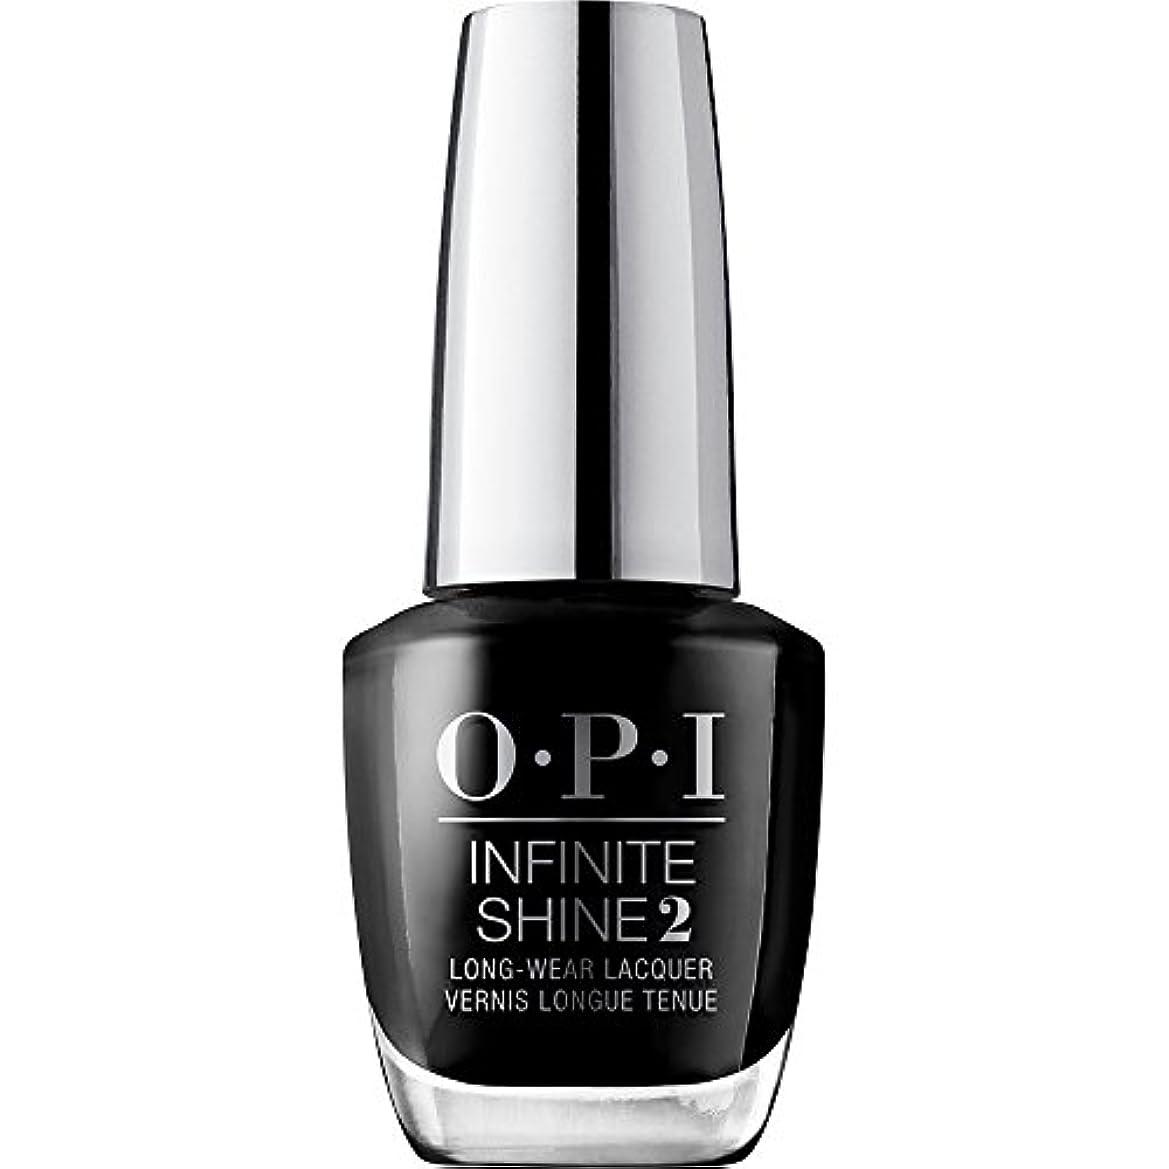 補助関連付ける称賛OPI(オーピーアイ) インフィニット シャイン ISL T02 ブラック オニキス